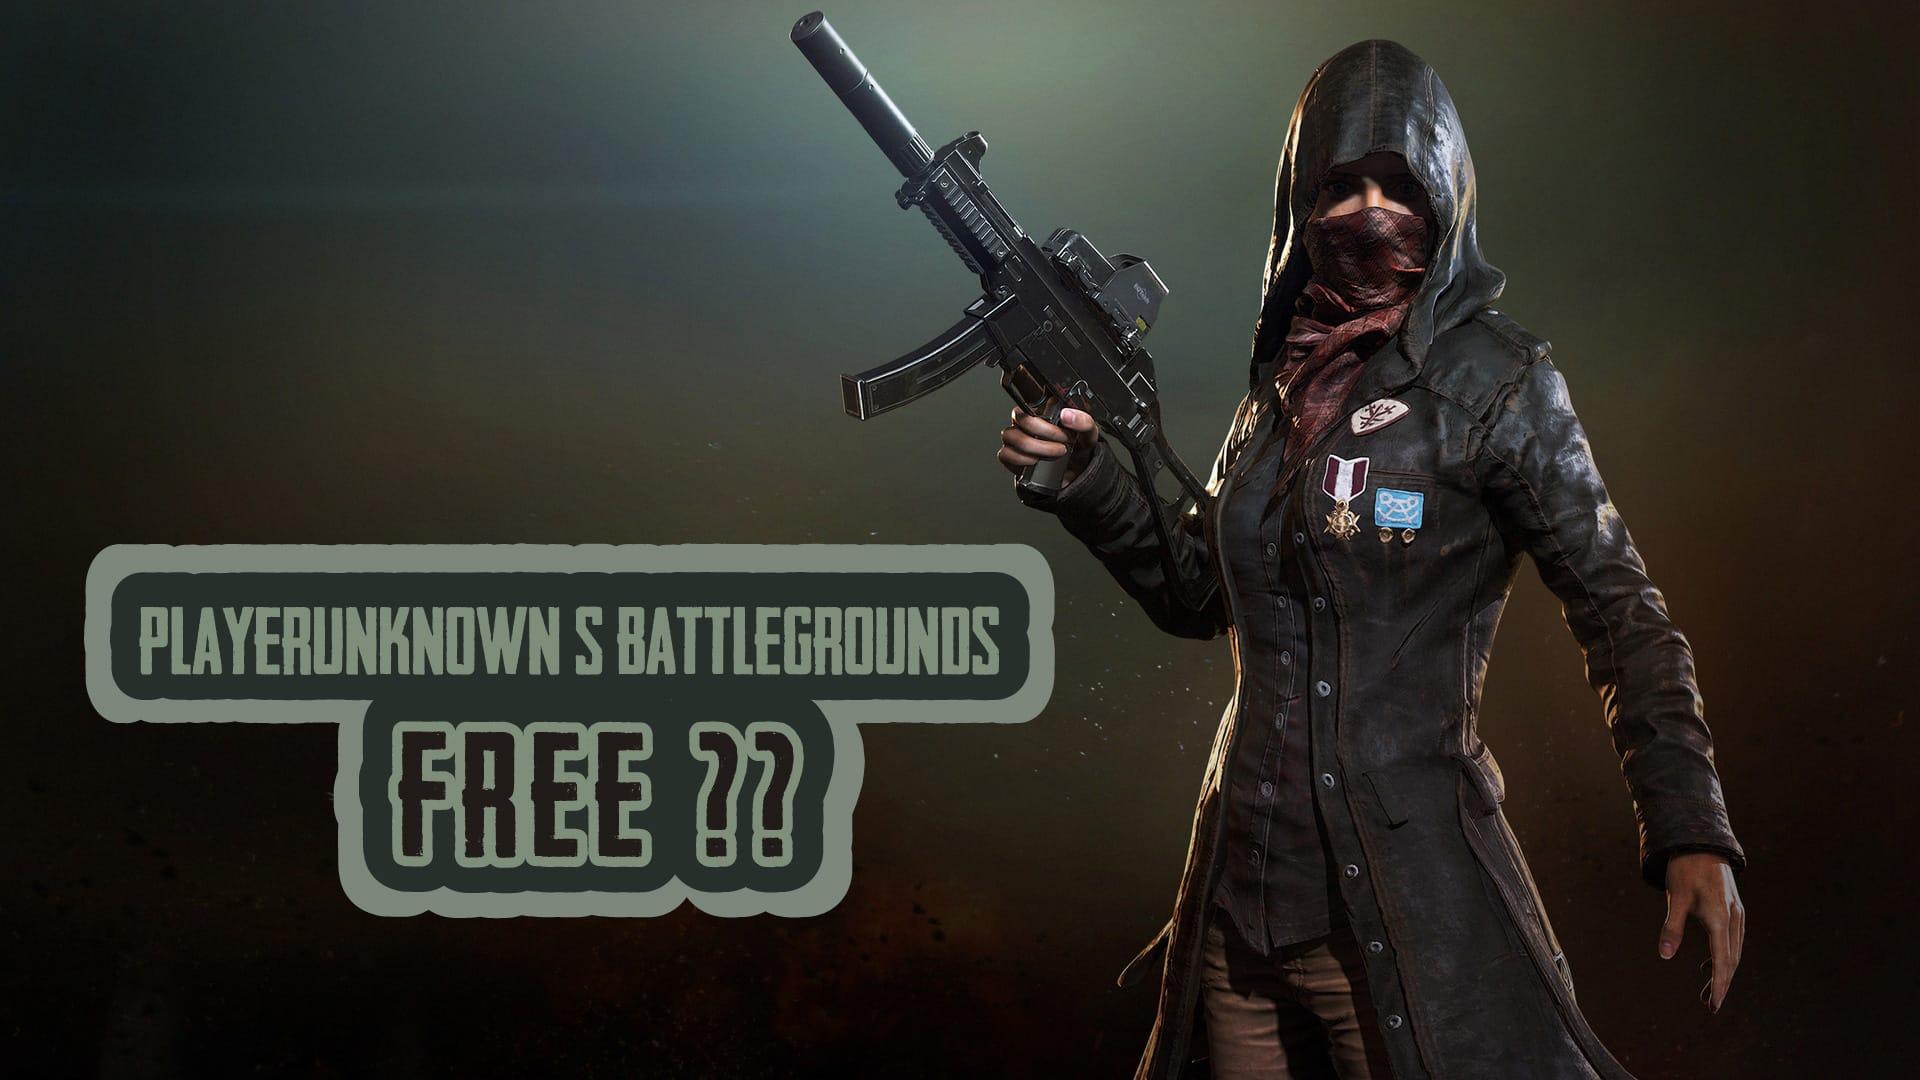 Tải PUBG free!! Có chơi PUBG free được không?